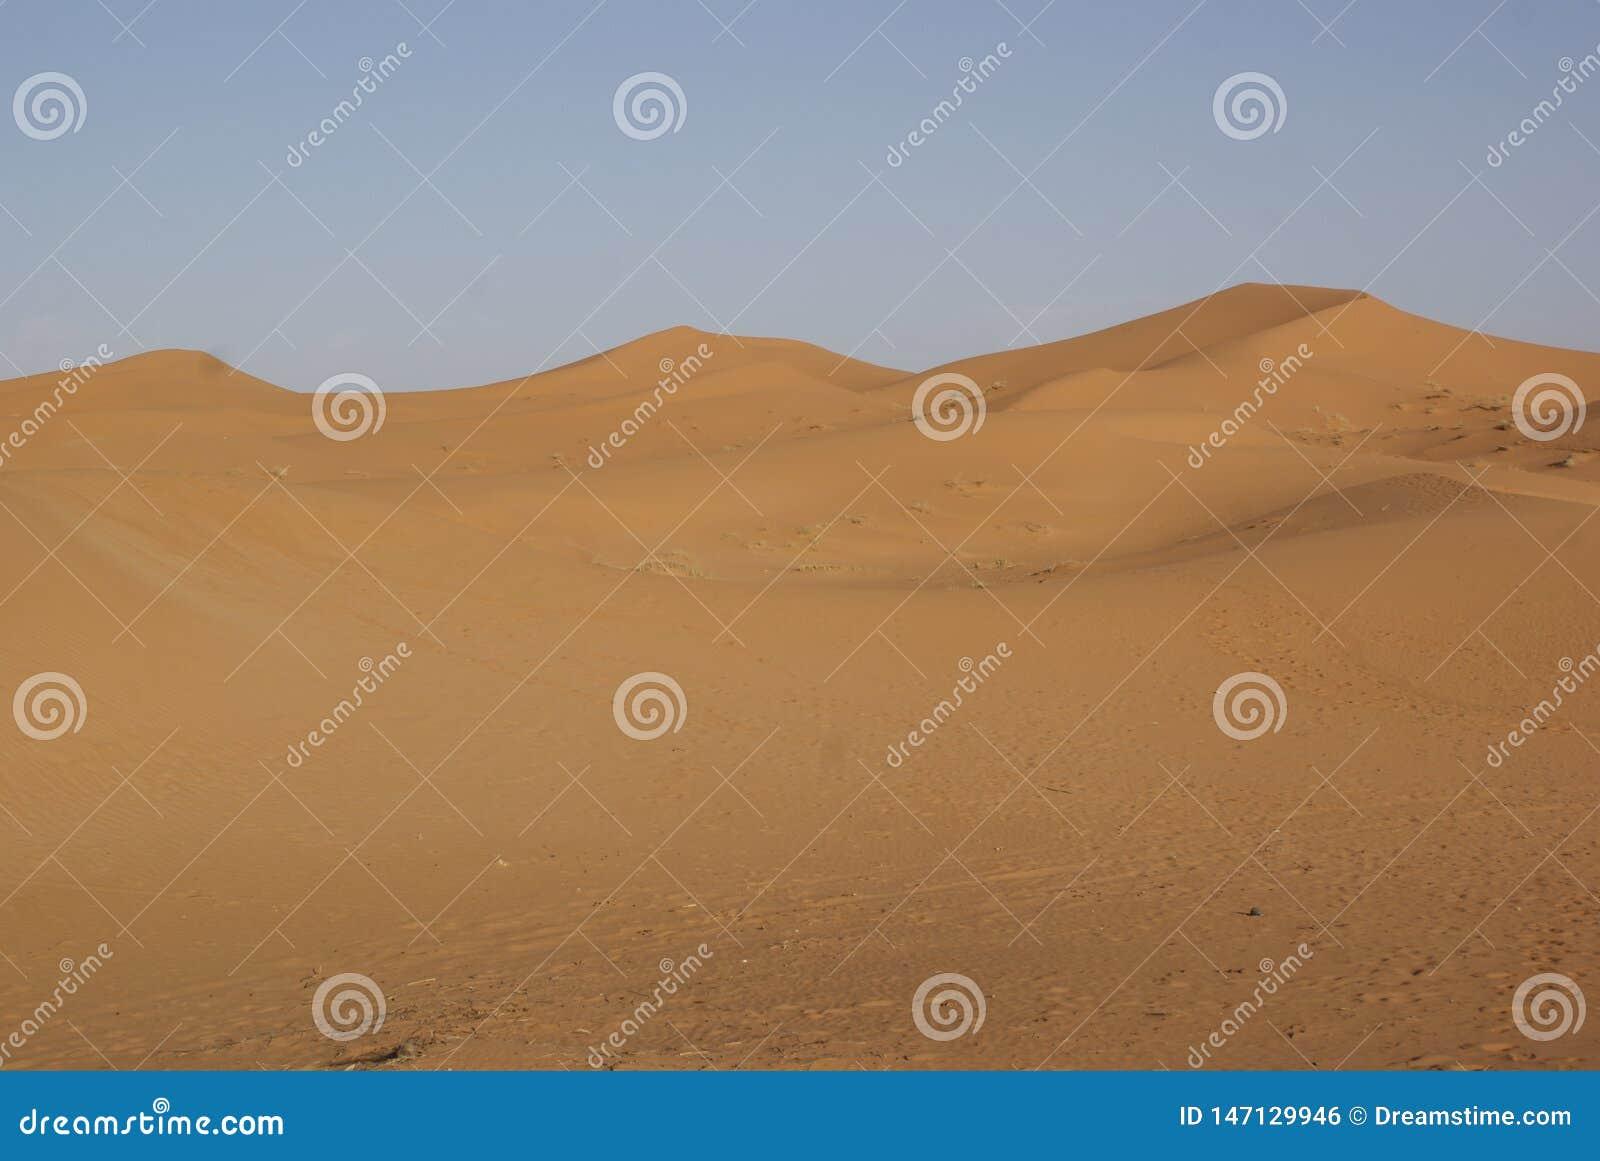 Sable et dunes dans le désert